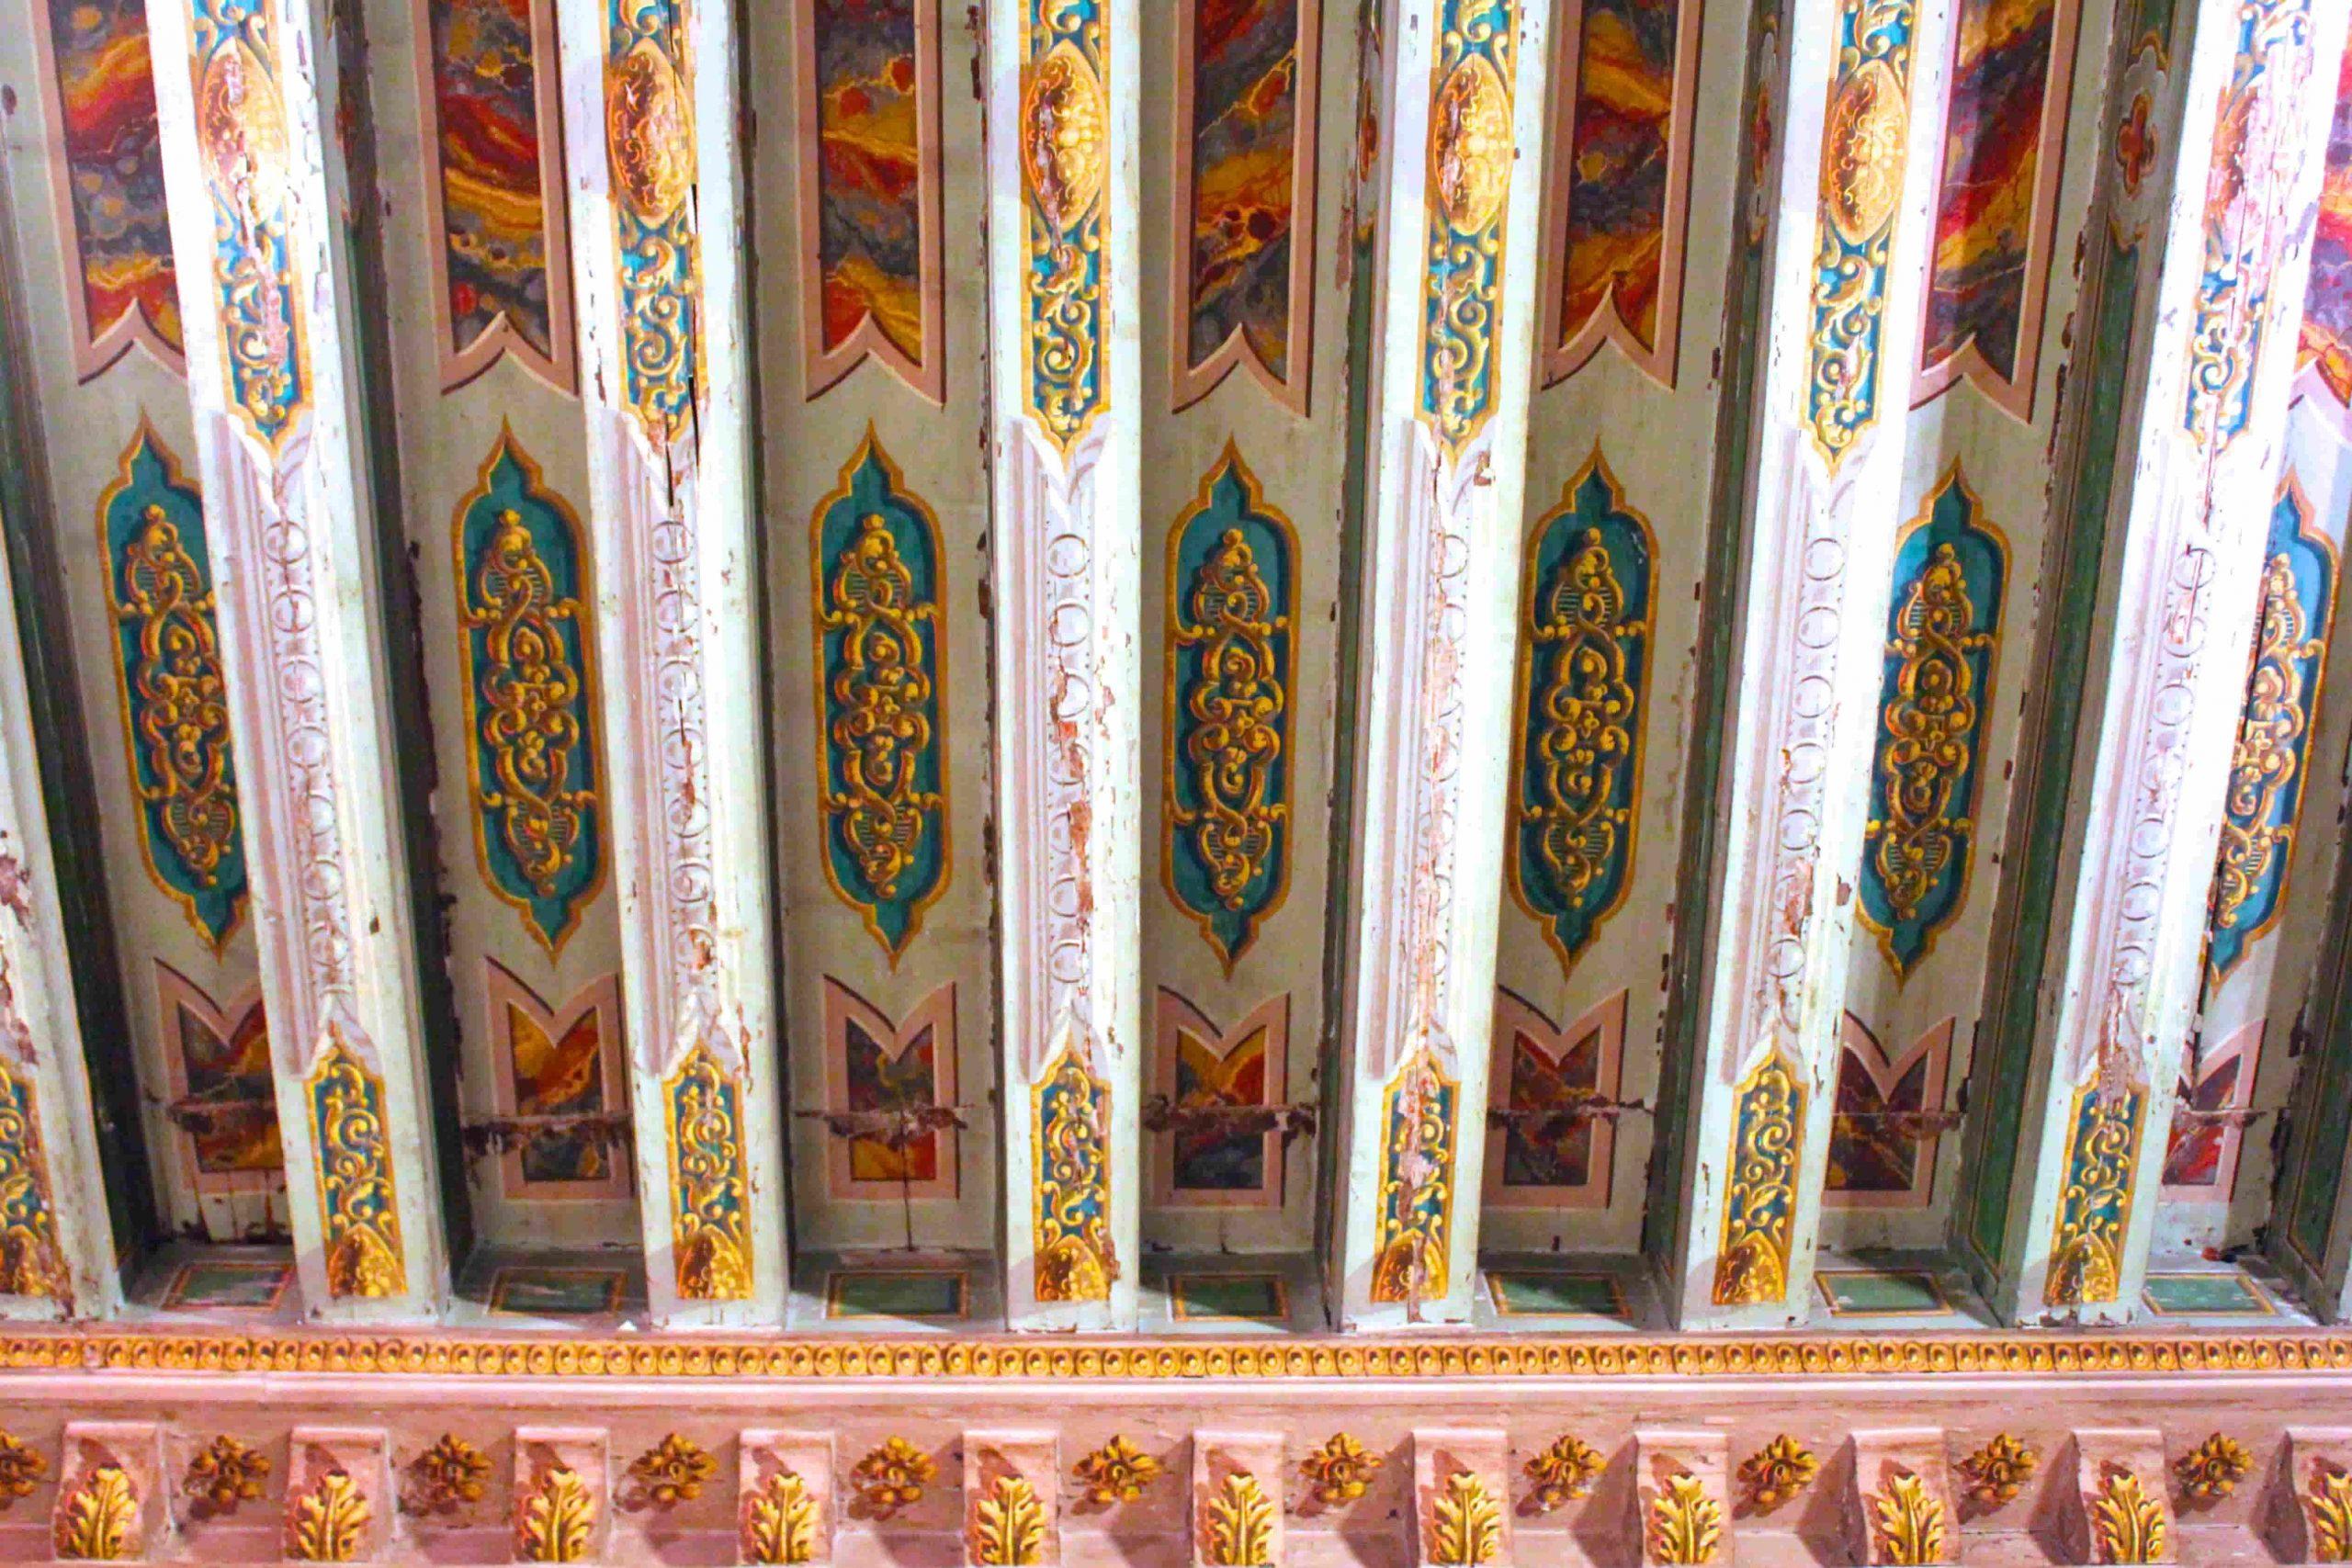 Things-to-do-in-Padua-Ceilings 2